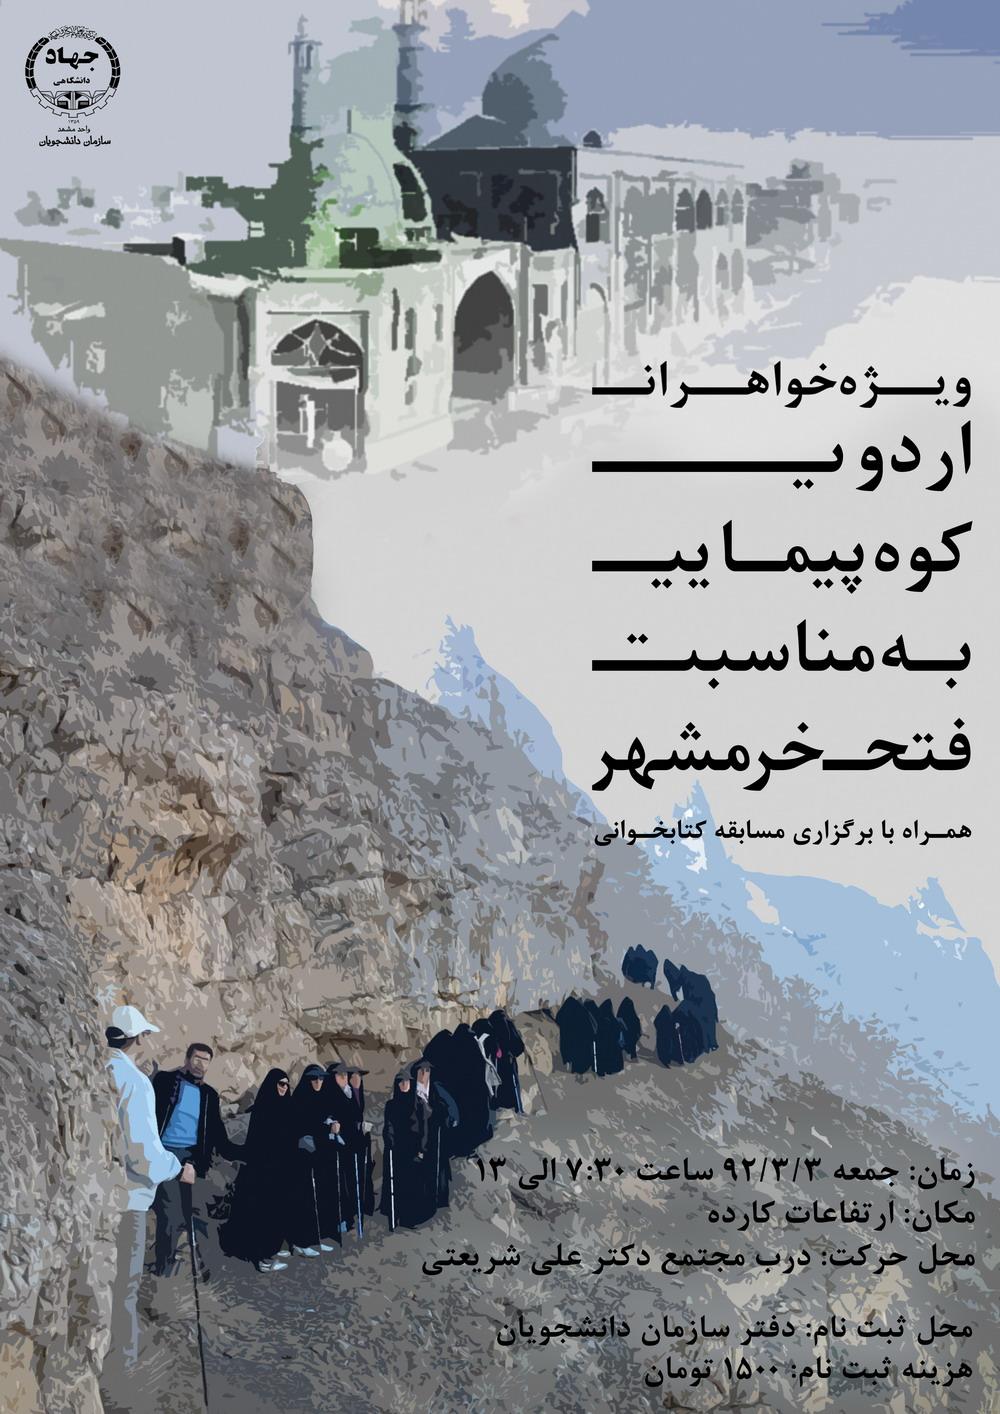 اردوی کوهپیمایی به مناسبت فتح خرمشهر